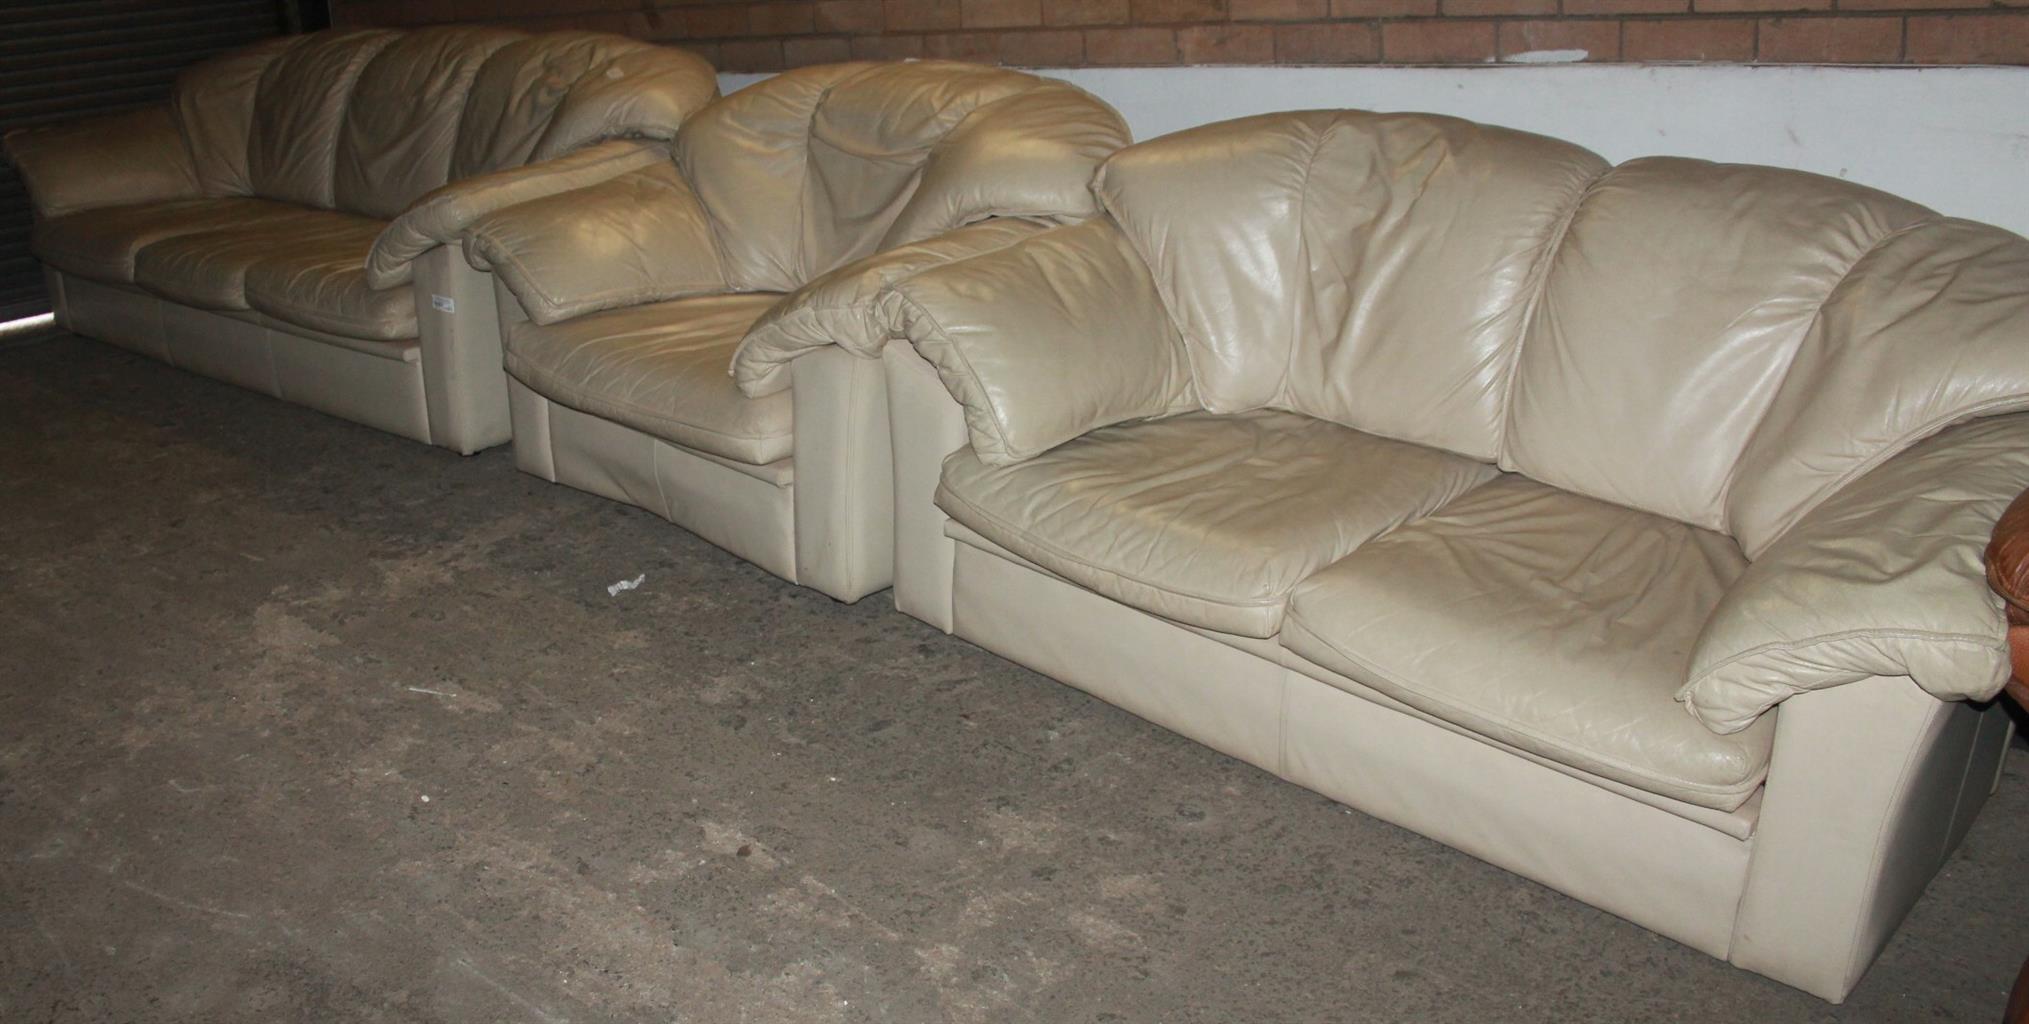 Lounge suite S026772a #Rosettenvillepawnshop